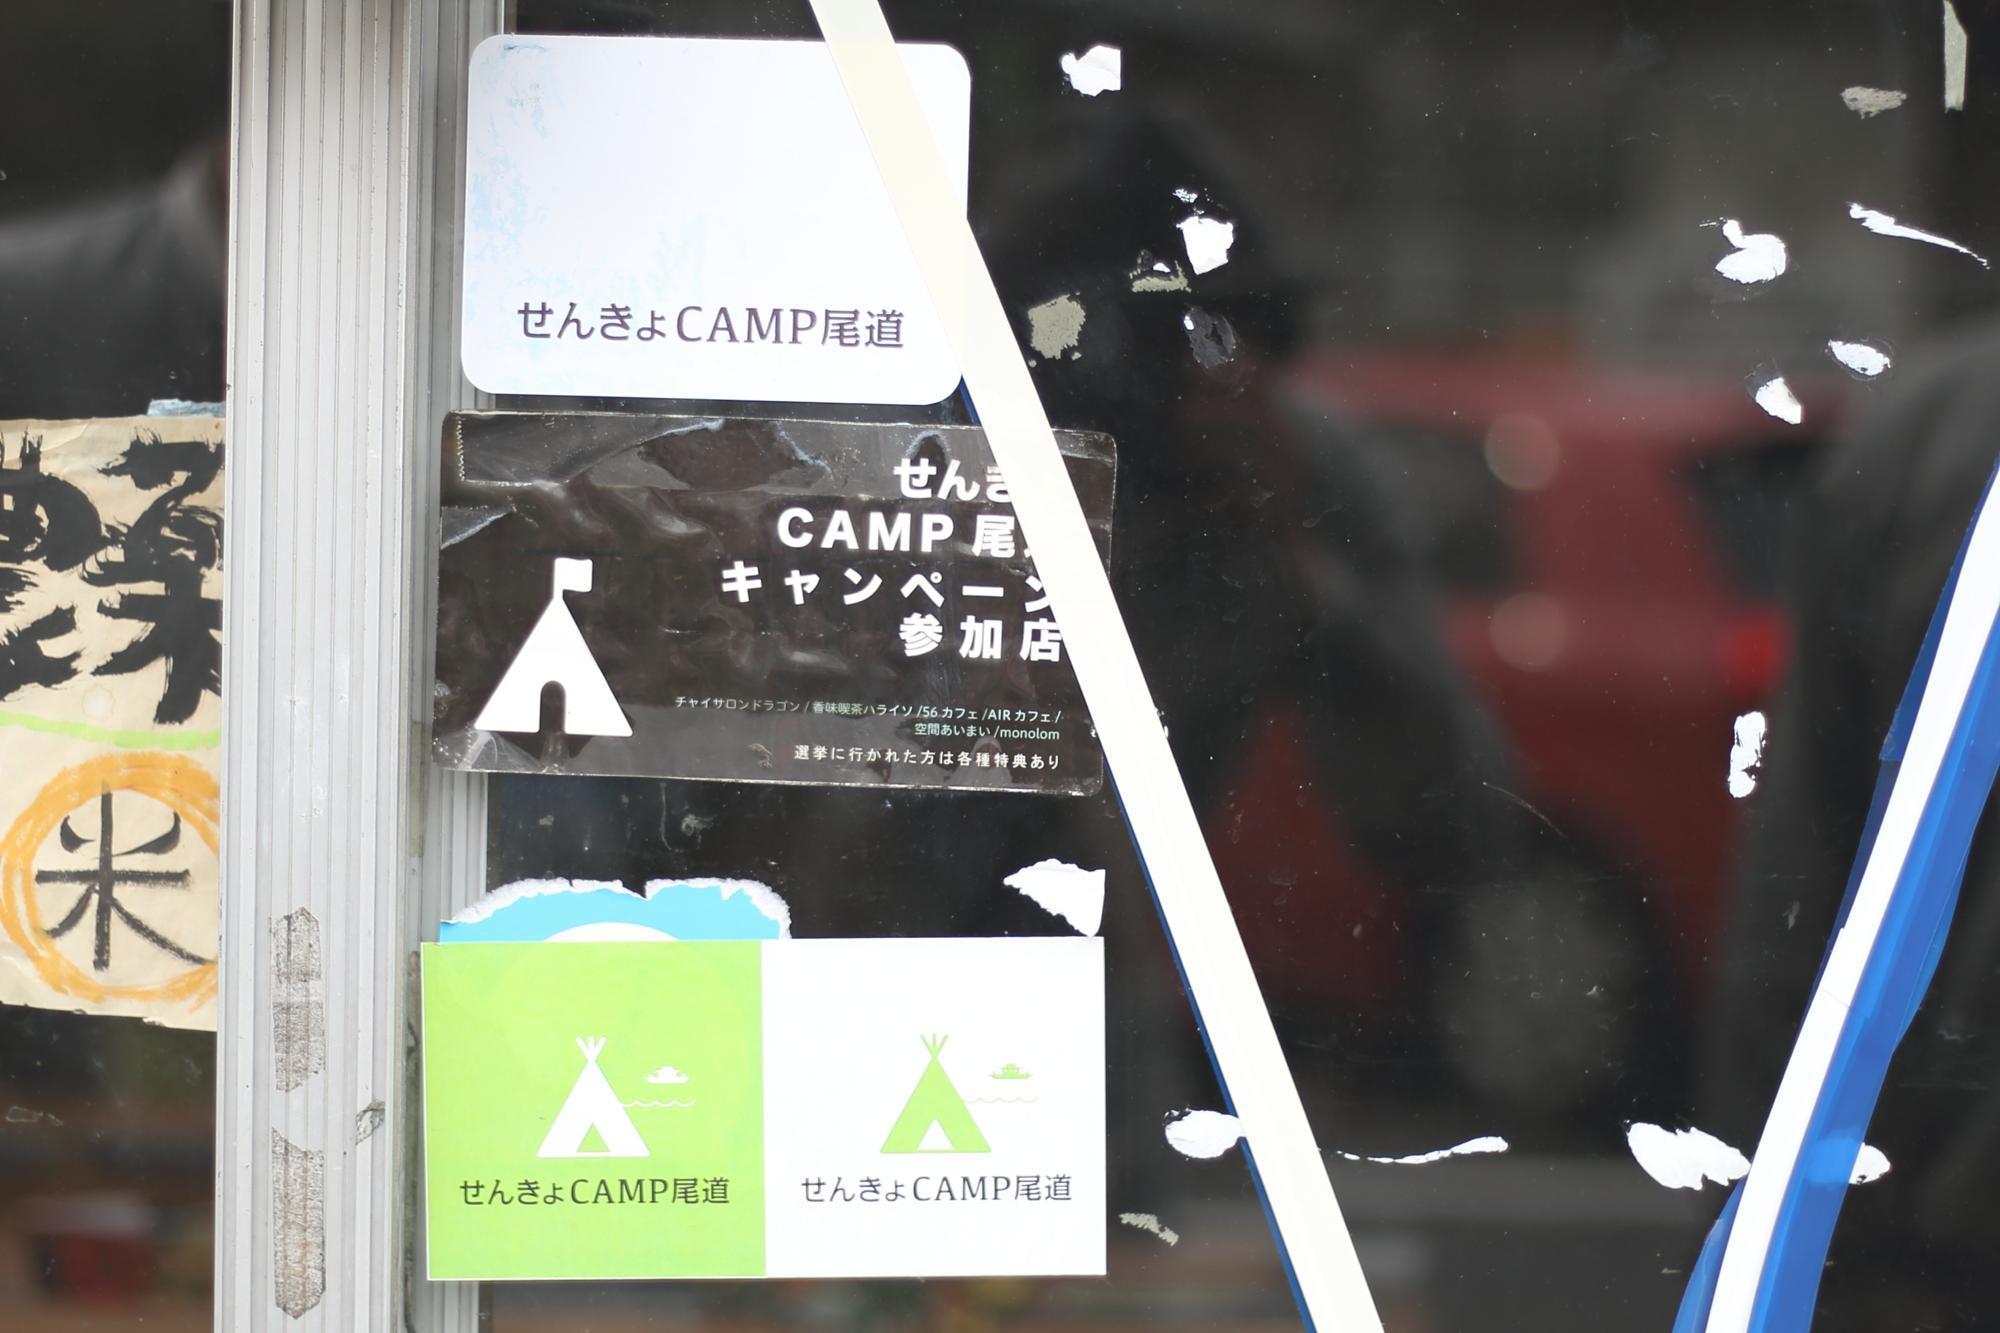 尾道駅前のセレクトショップ「れいこう堂」に張られたステッカー